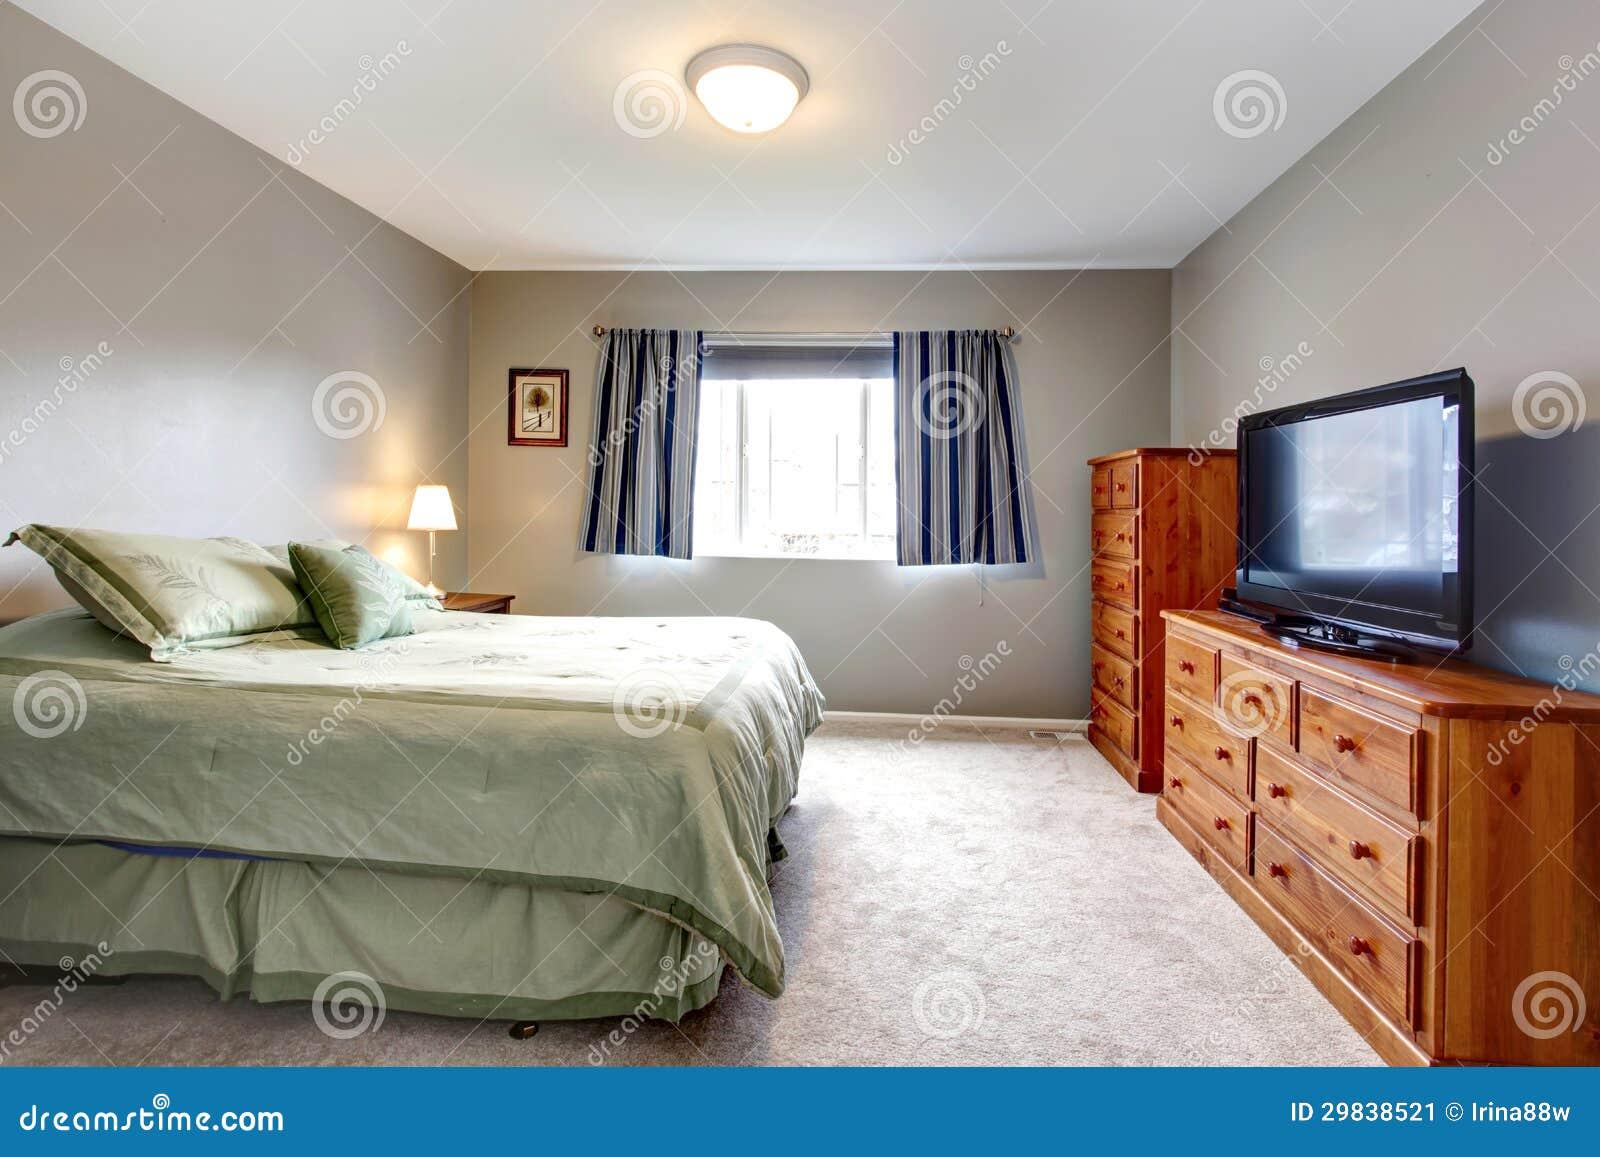 dormitorio gris grande con el aparador la tv y las cortinas azules imagen de archivo imagen. Black Bedroom Furniture Sets. Home Design Ideas